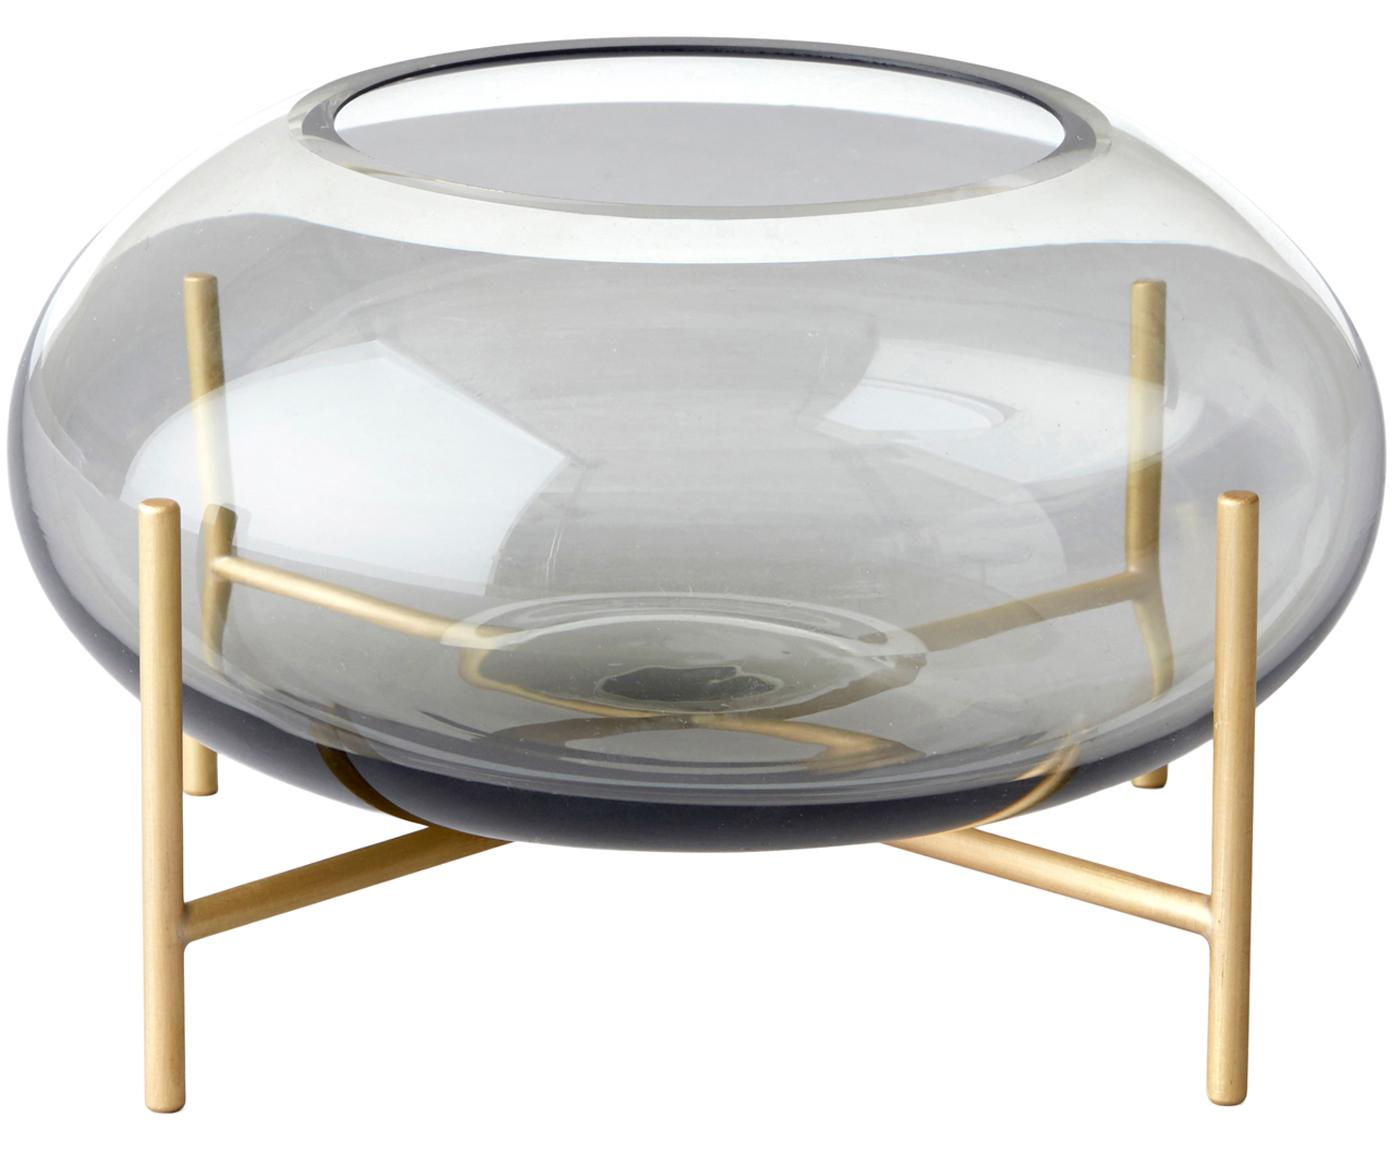 Portalumini Hurricane, Struttura: ottone spazzolato, Vaso: vetro, Ottone, grigio, Ø 14 x Alt. 9 cm